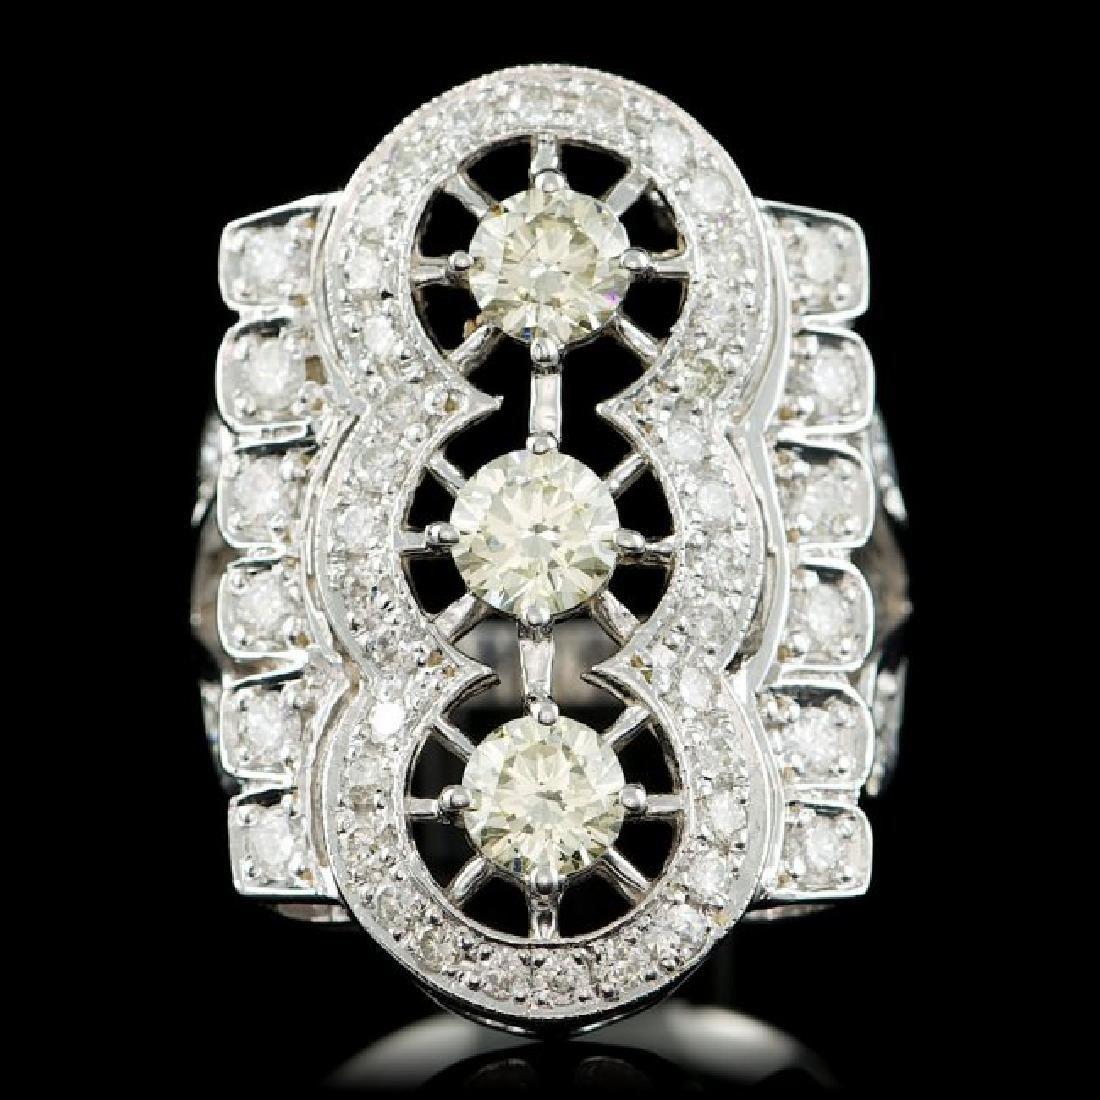 14k White Gold 2.7ct Diamond Ring